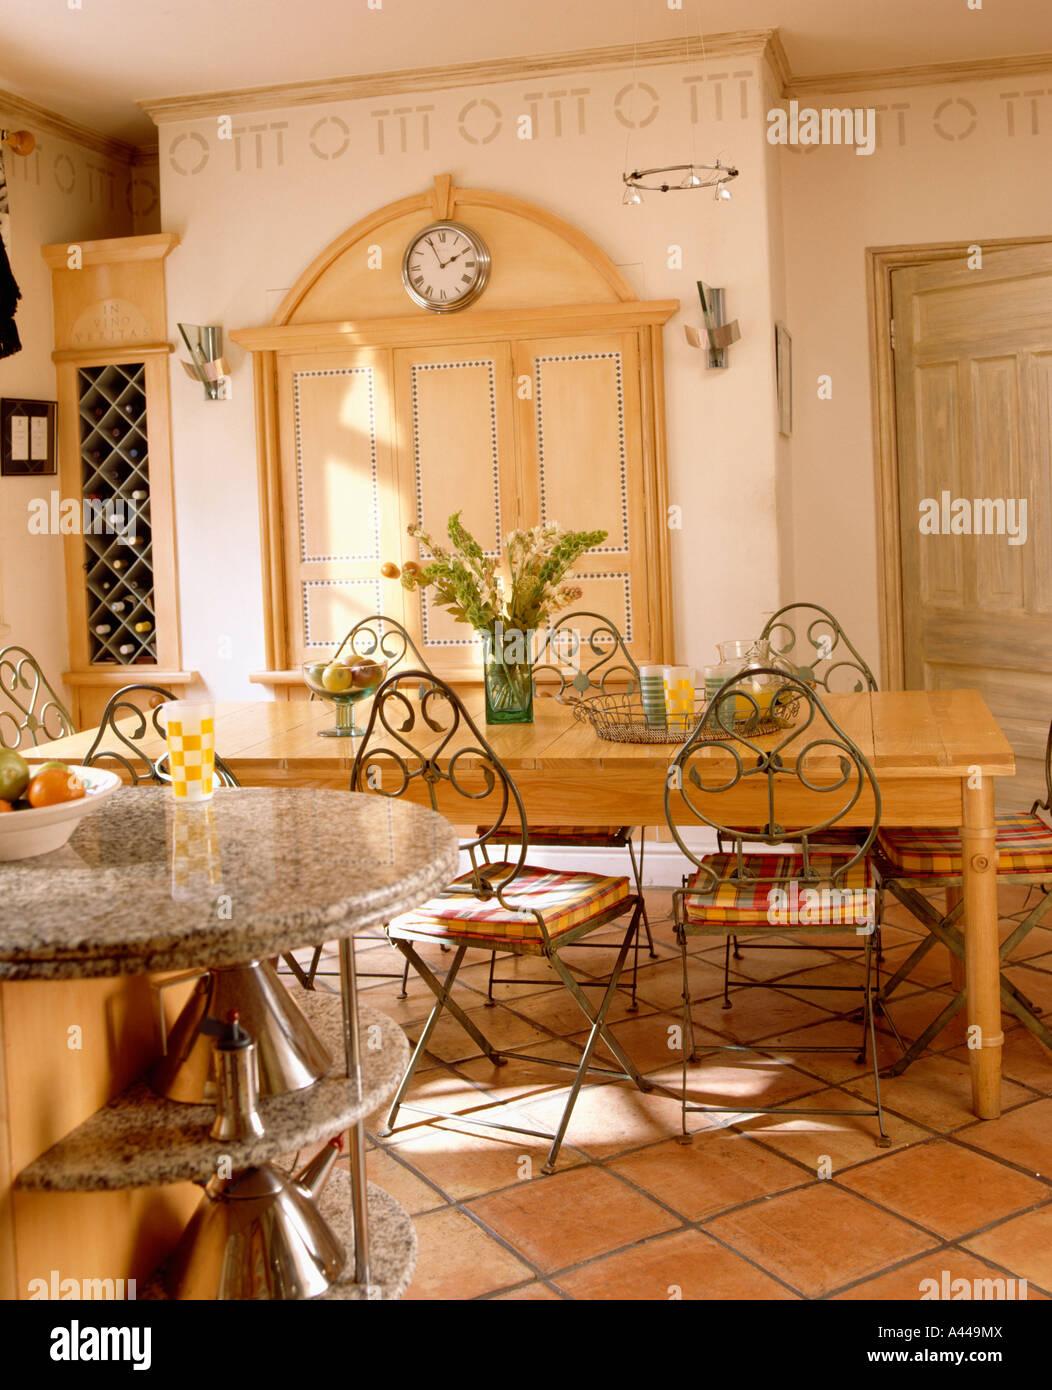 Cocina tradicional con suelos de baldosas de terracota y sillas con ...